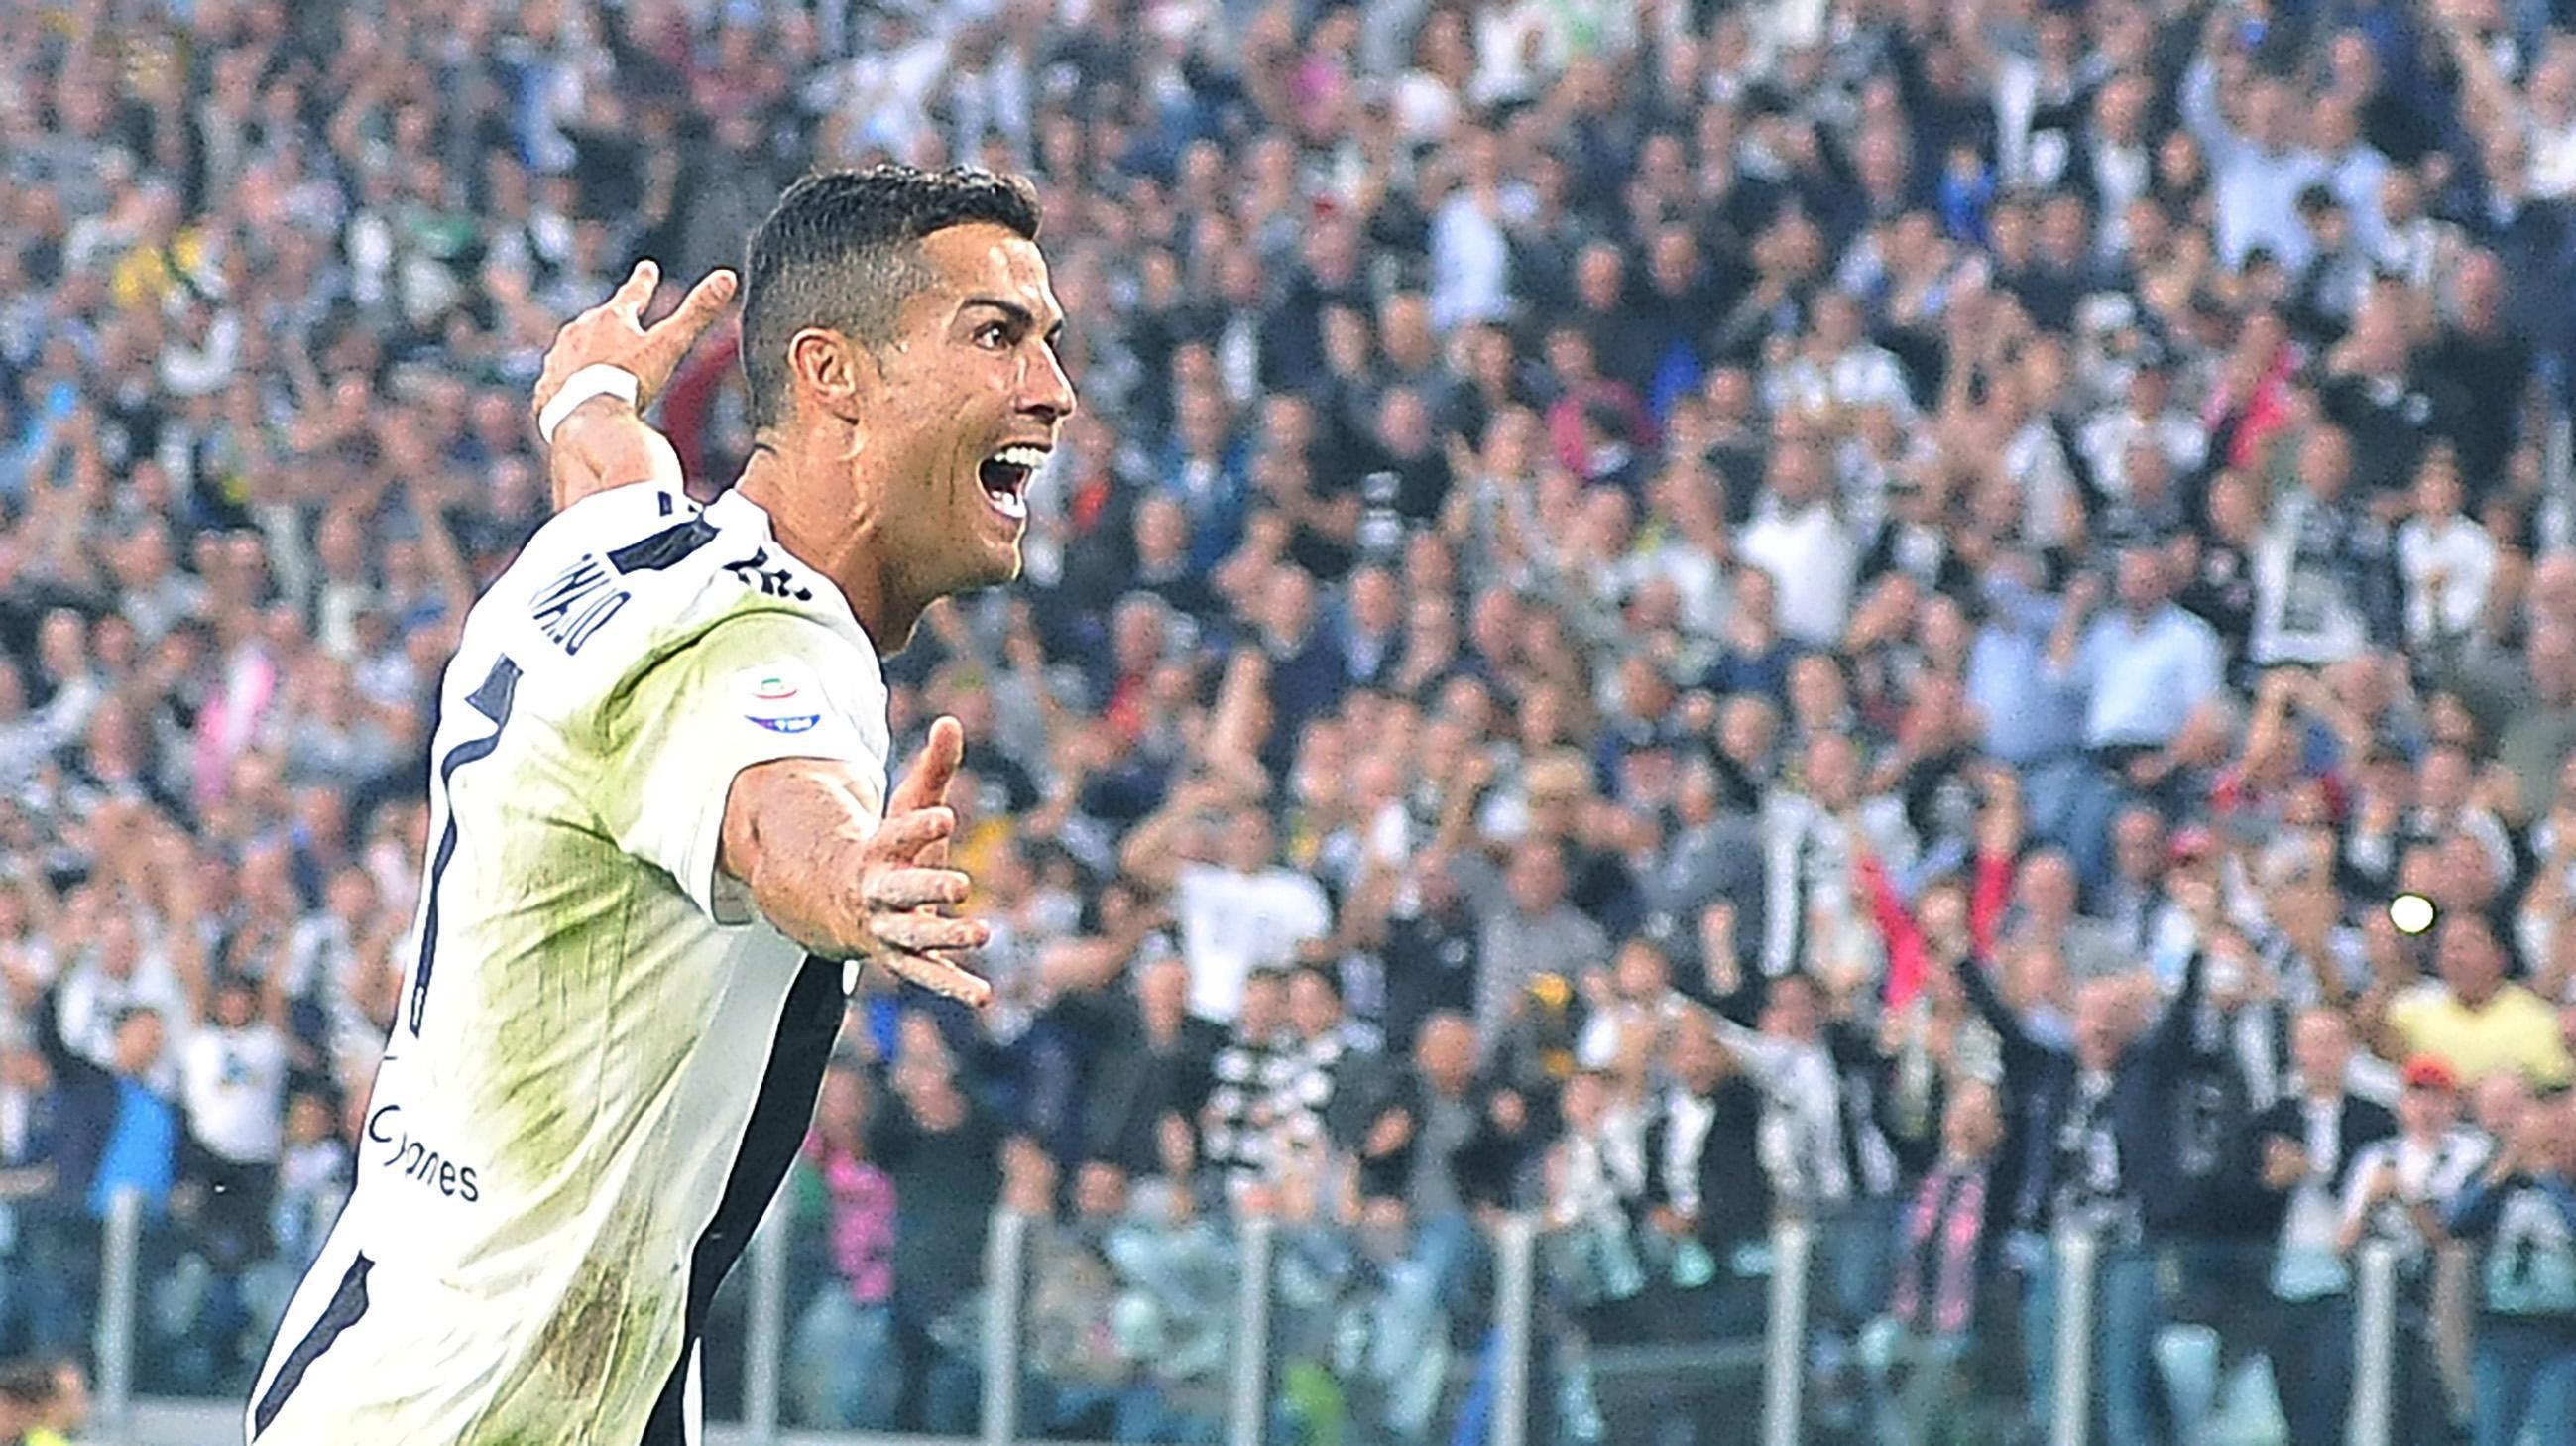 En fotos: mientras el Madrid lo extraña, Cristiano vuelve a marcar con la Juventus en la Serie A